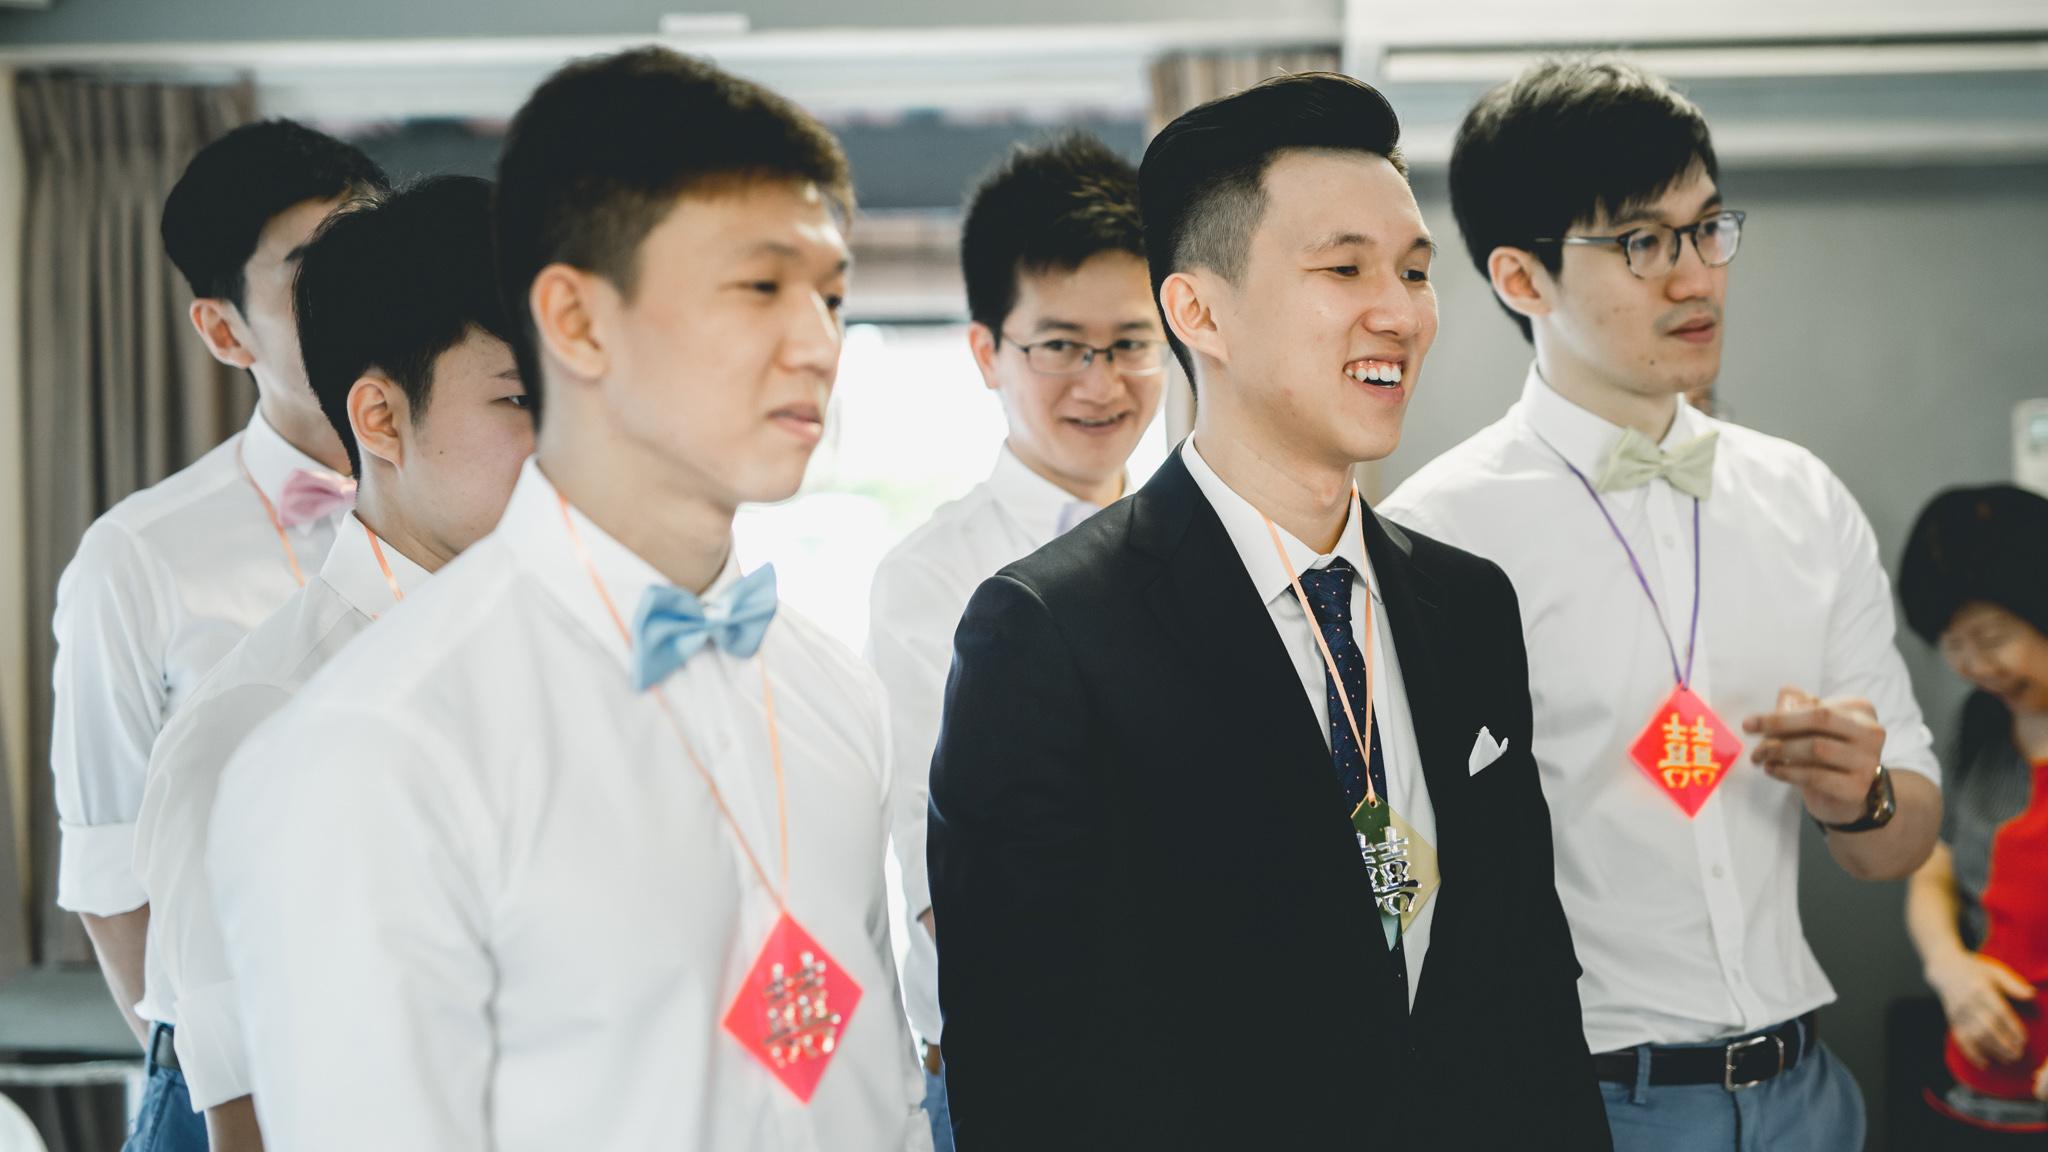 Wedding sofitel 31.JPG